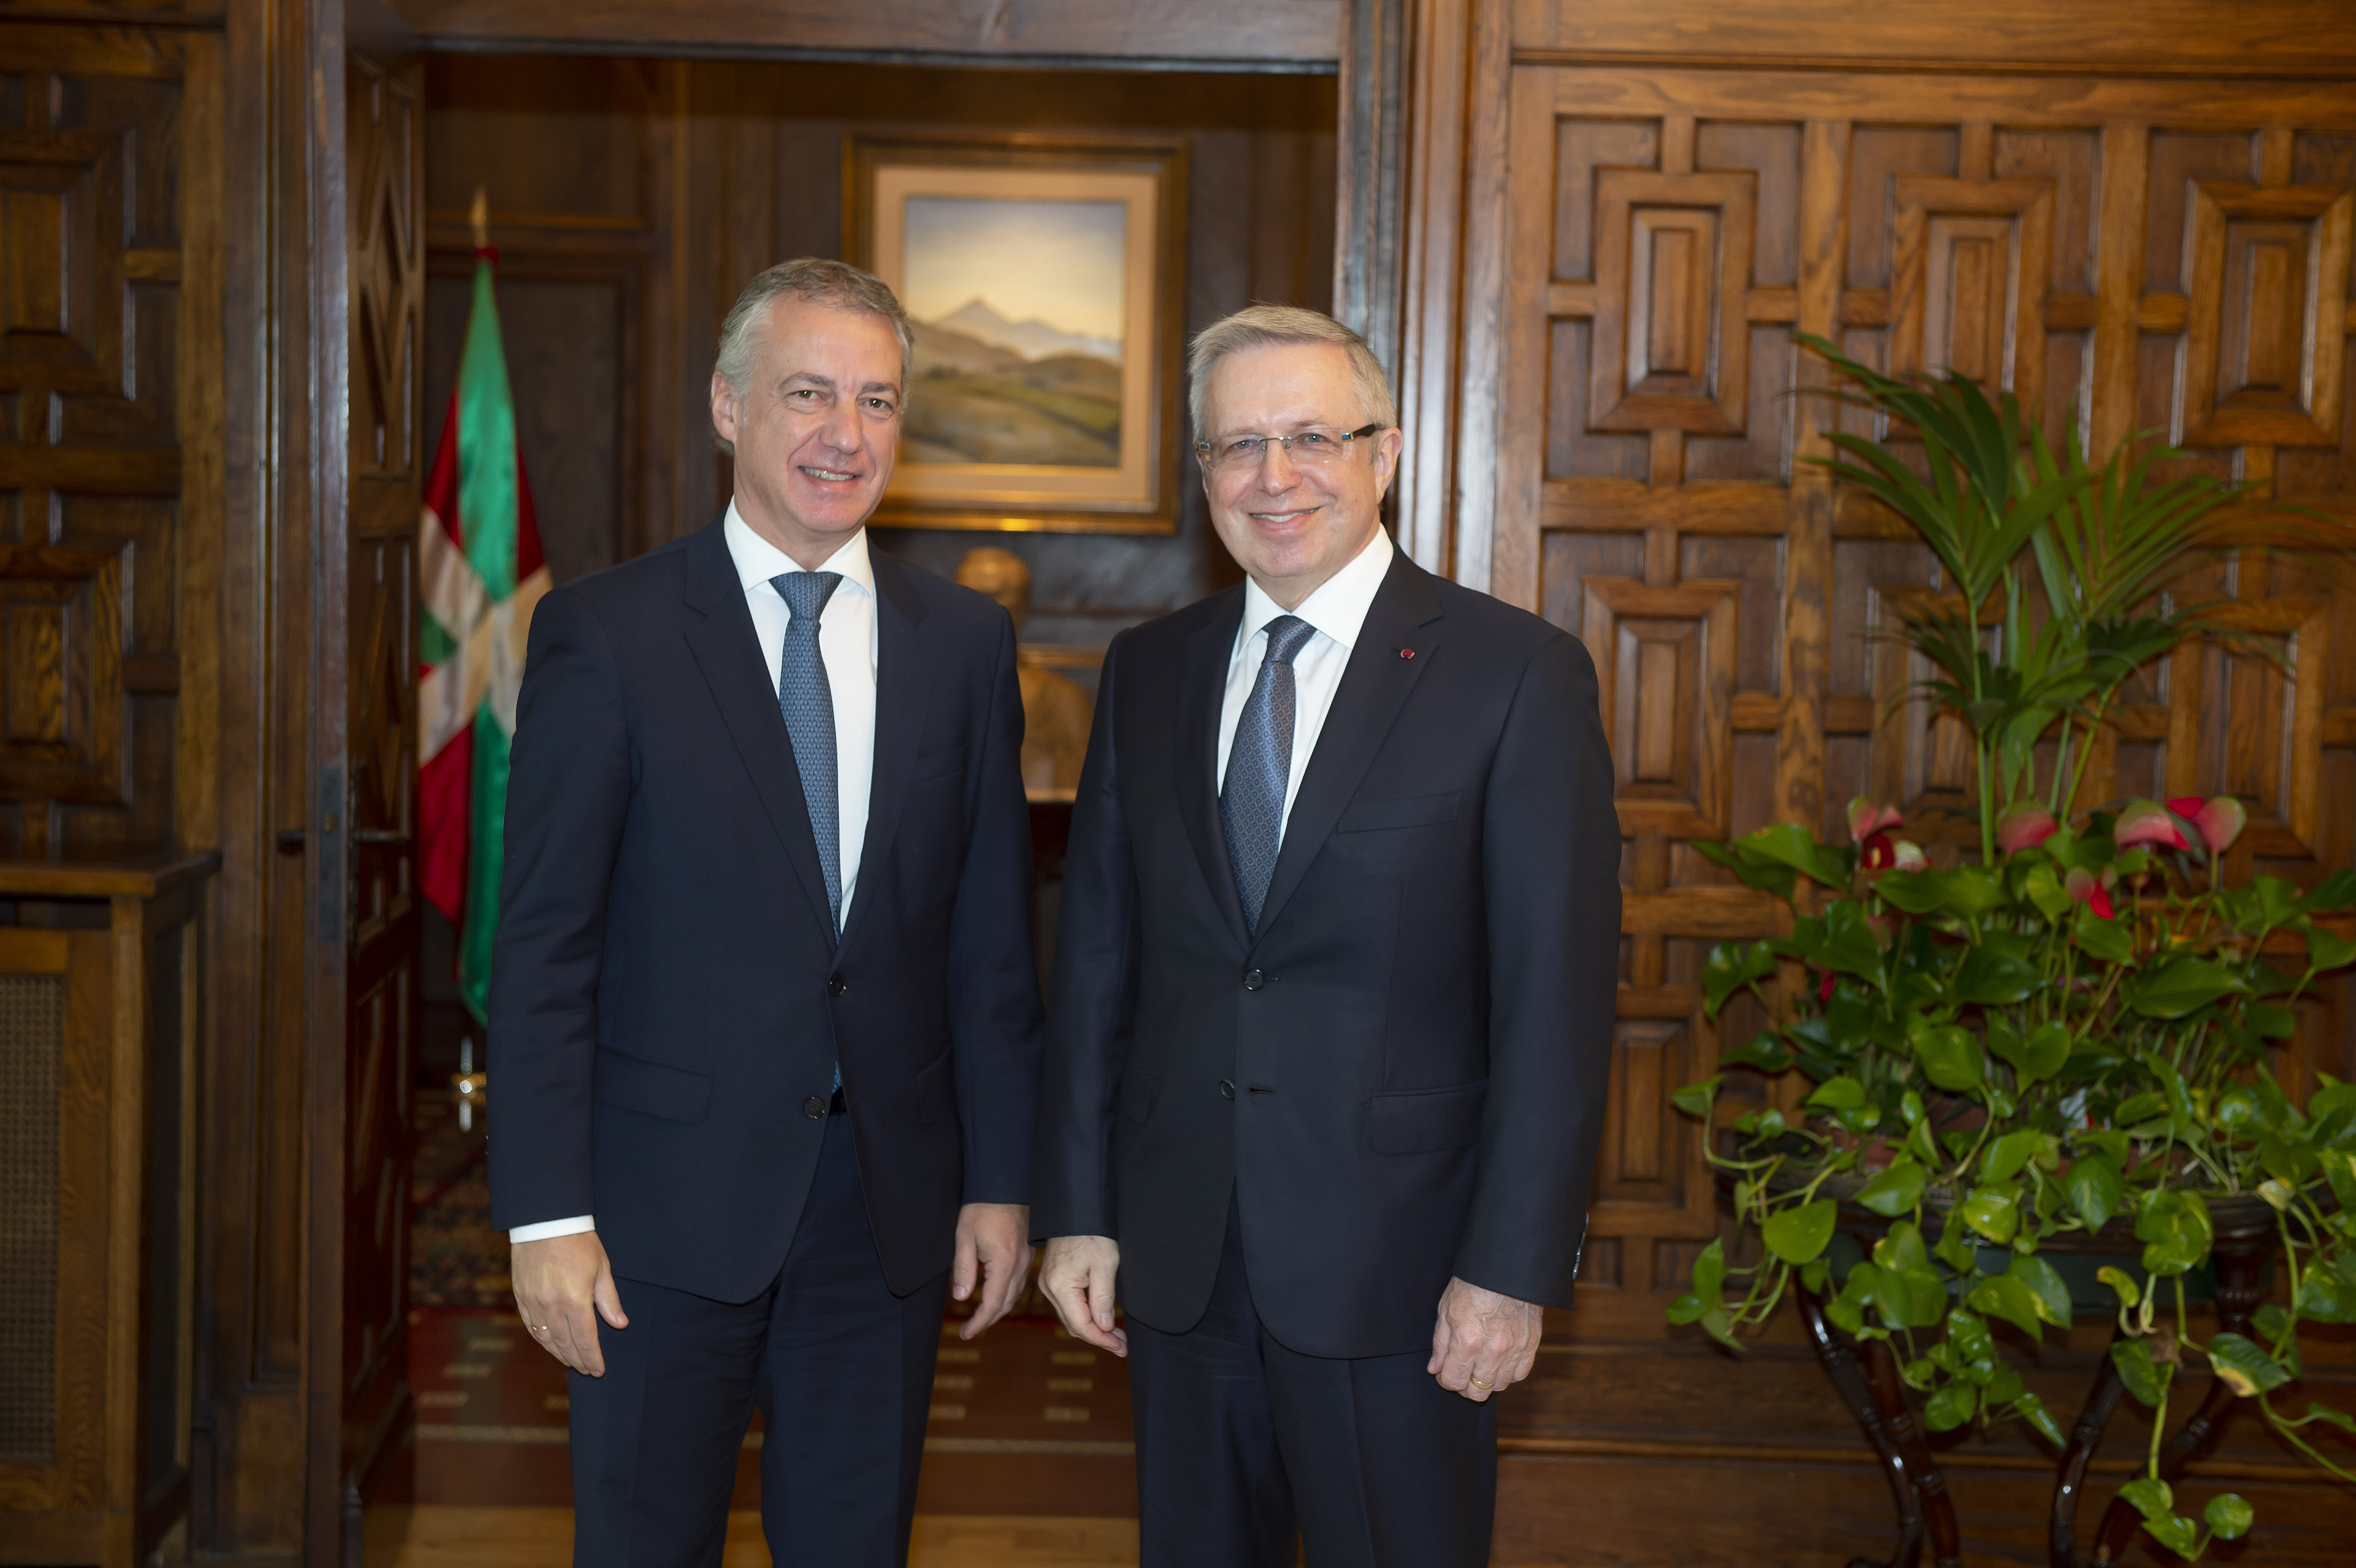 El Lehendakarirecibe al Embajador de Kazajistán